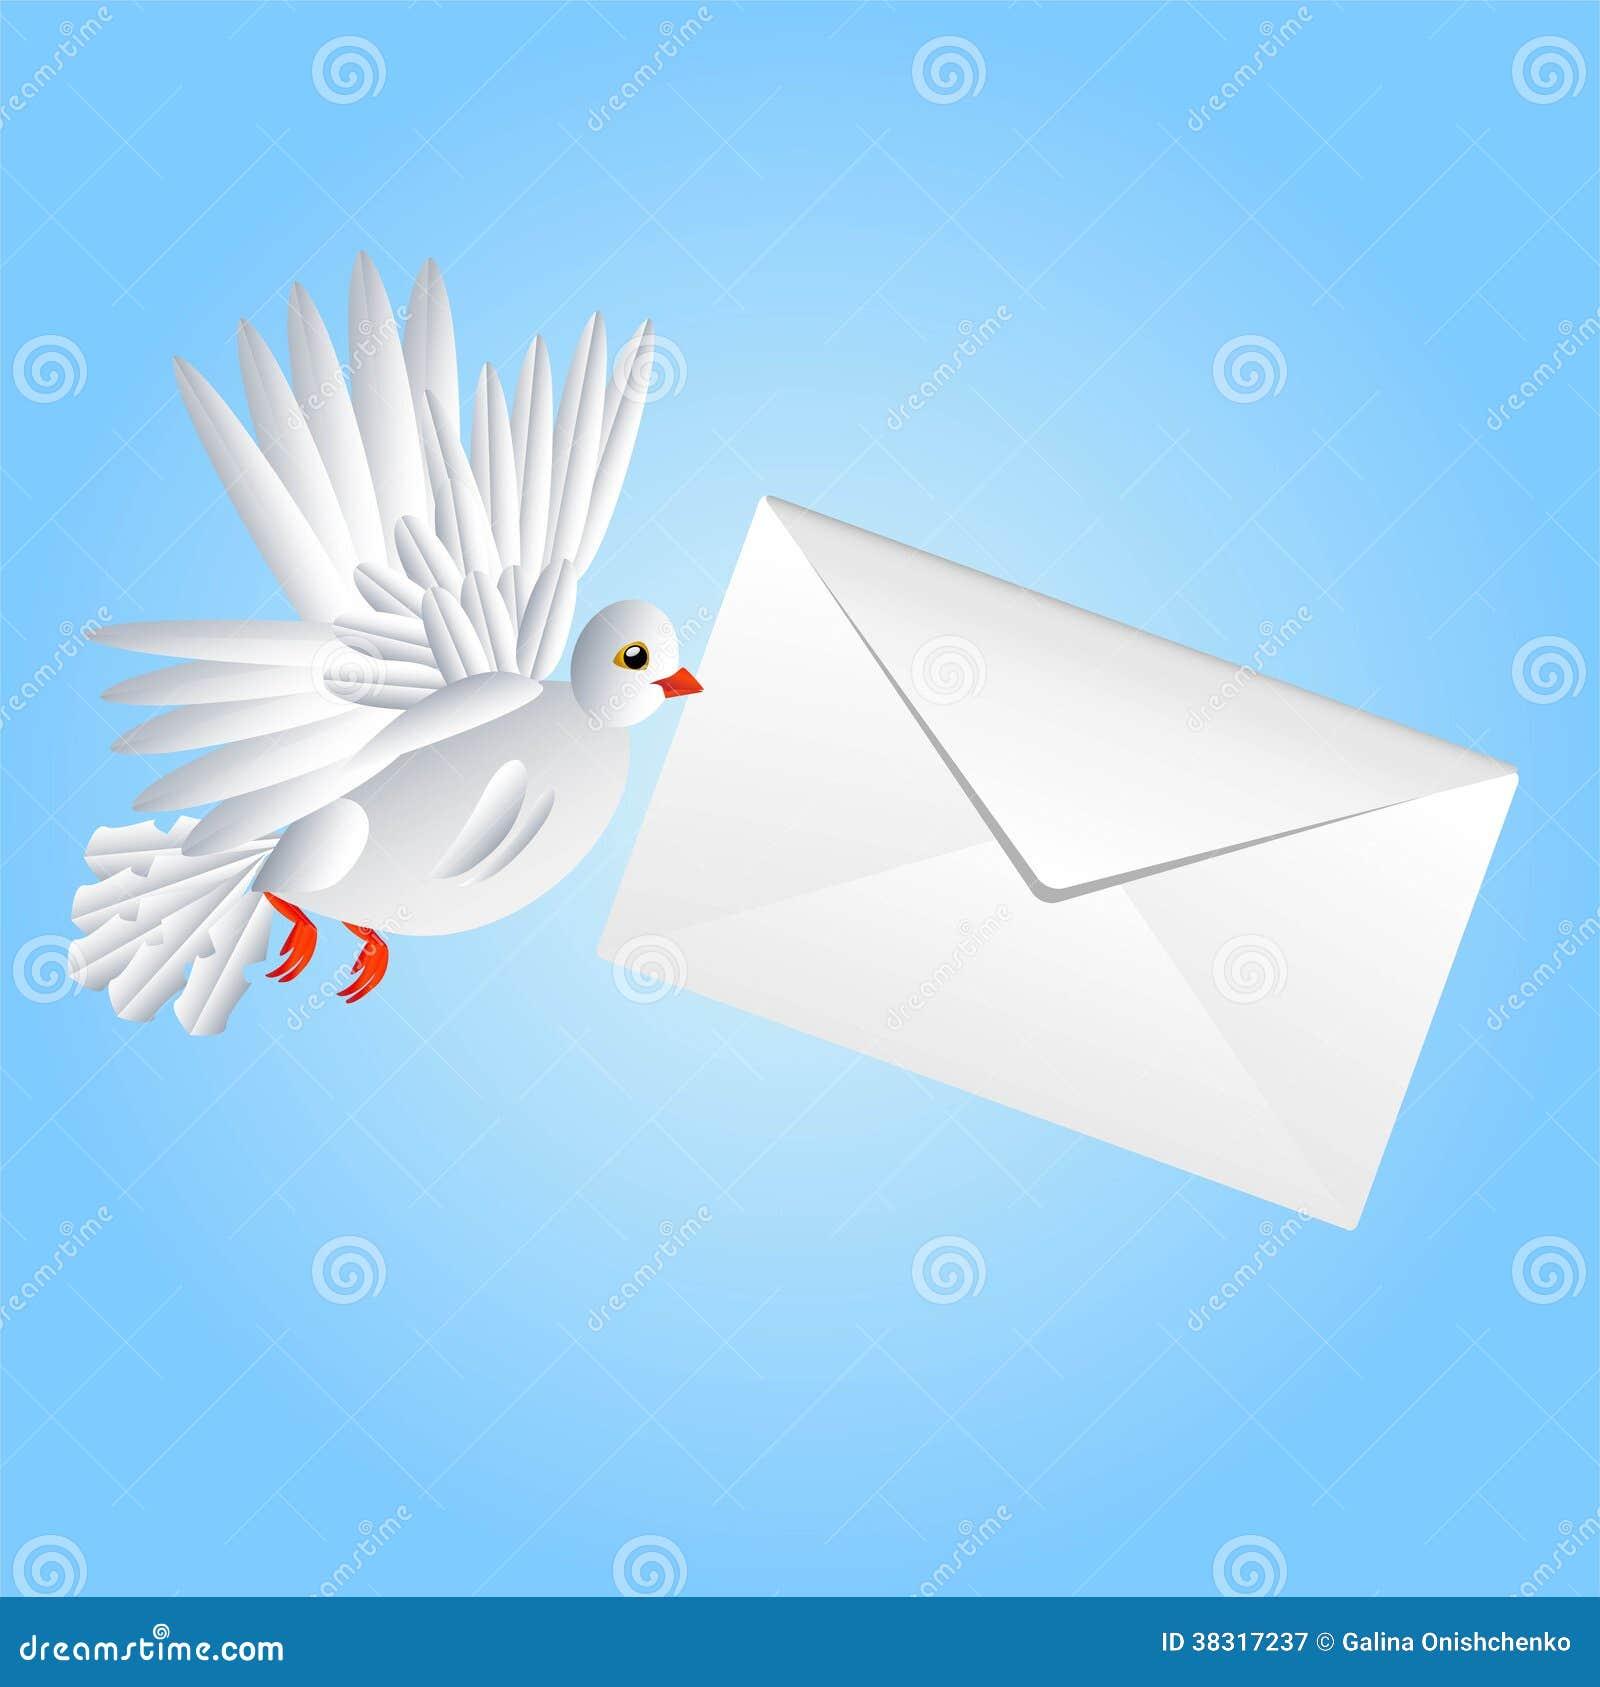 Fågeln en vit duva bär ett vitt kuvert i en näbb